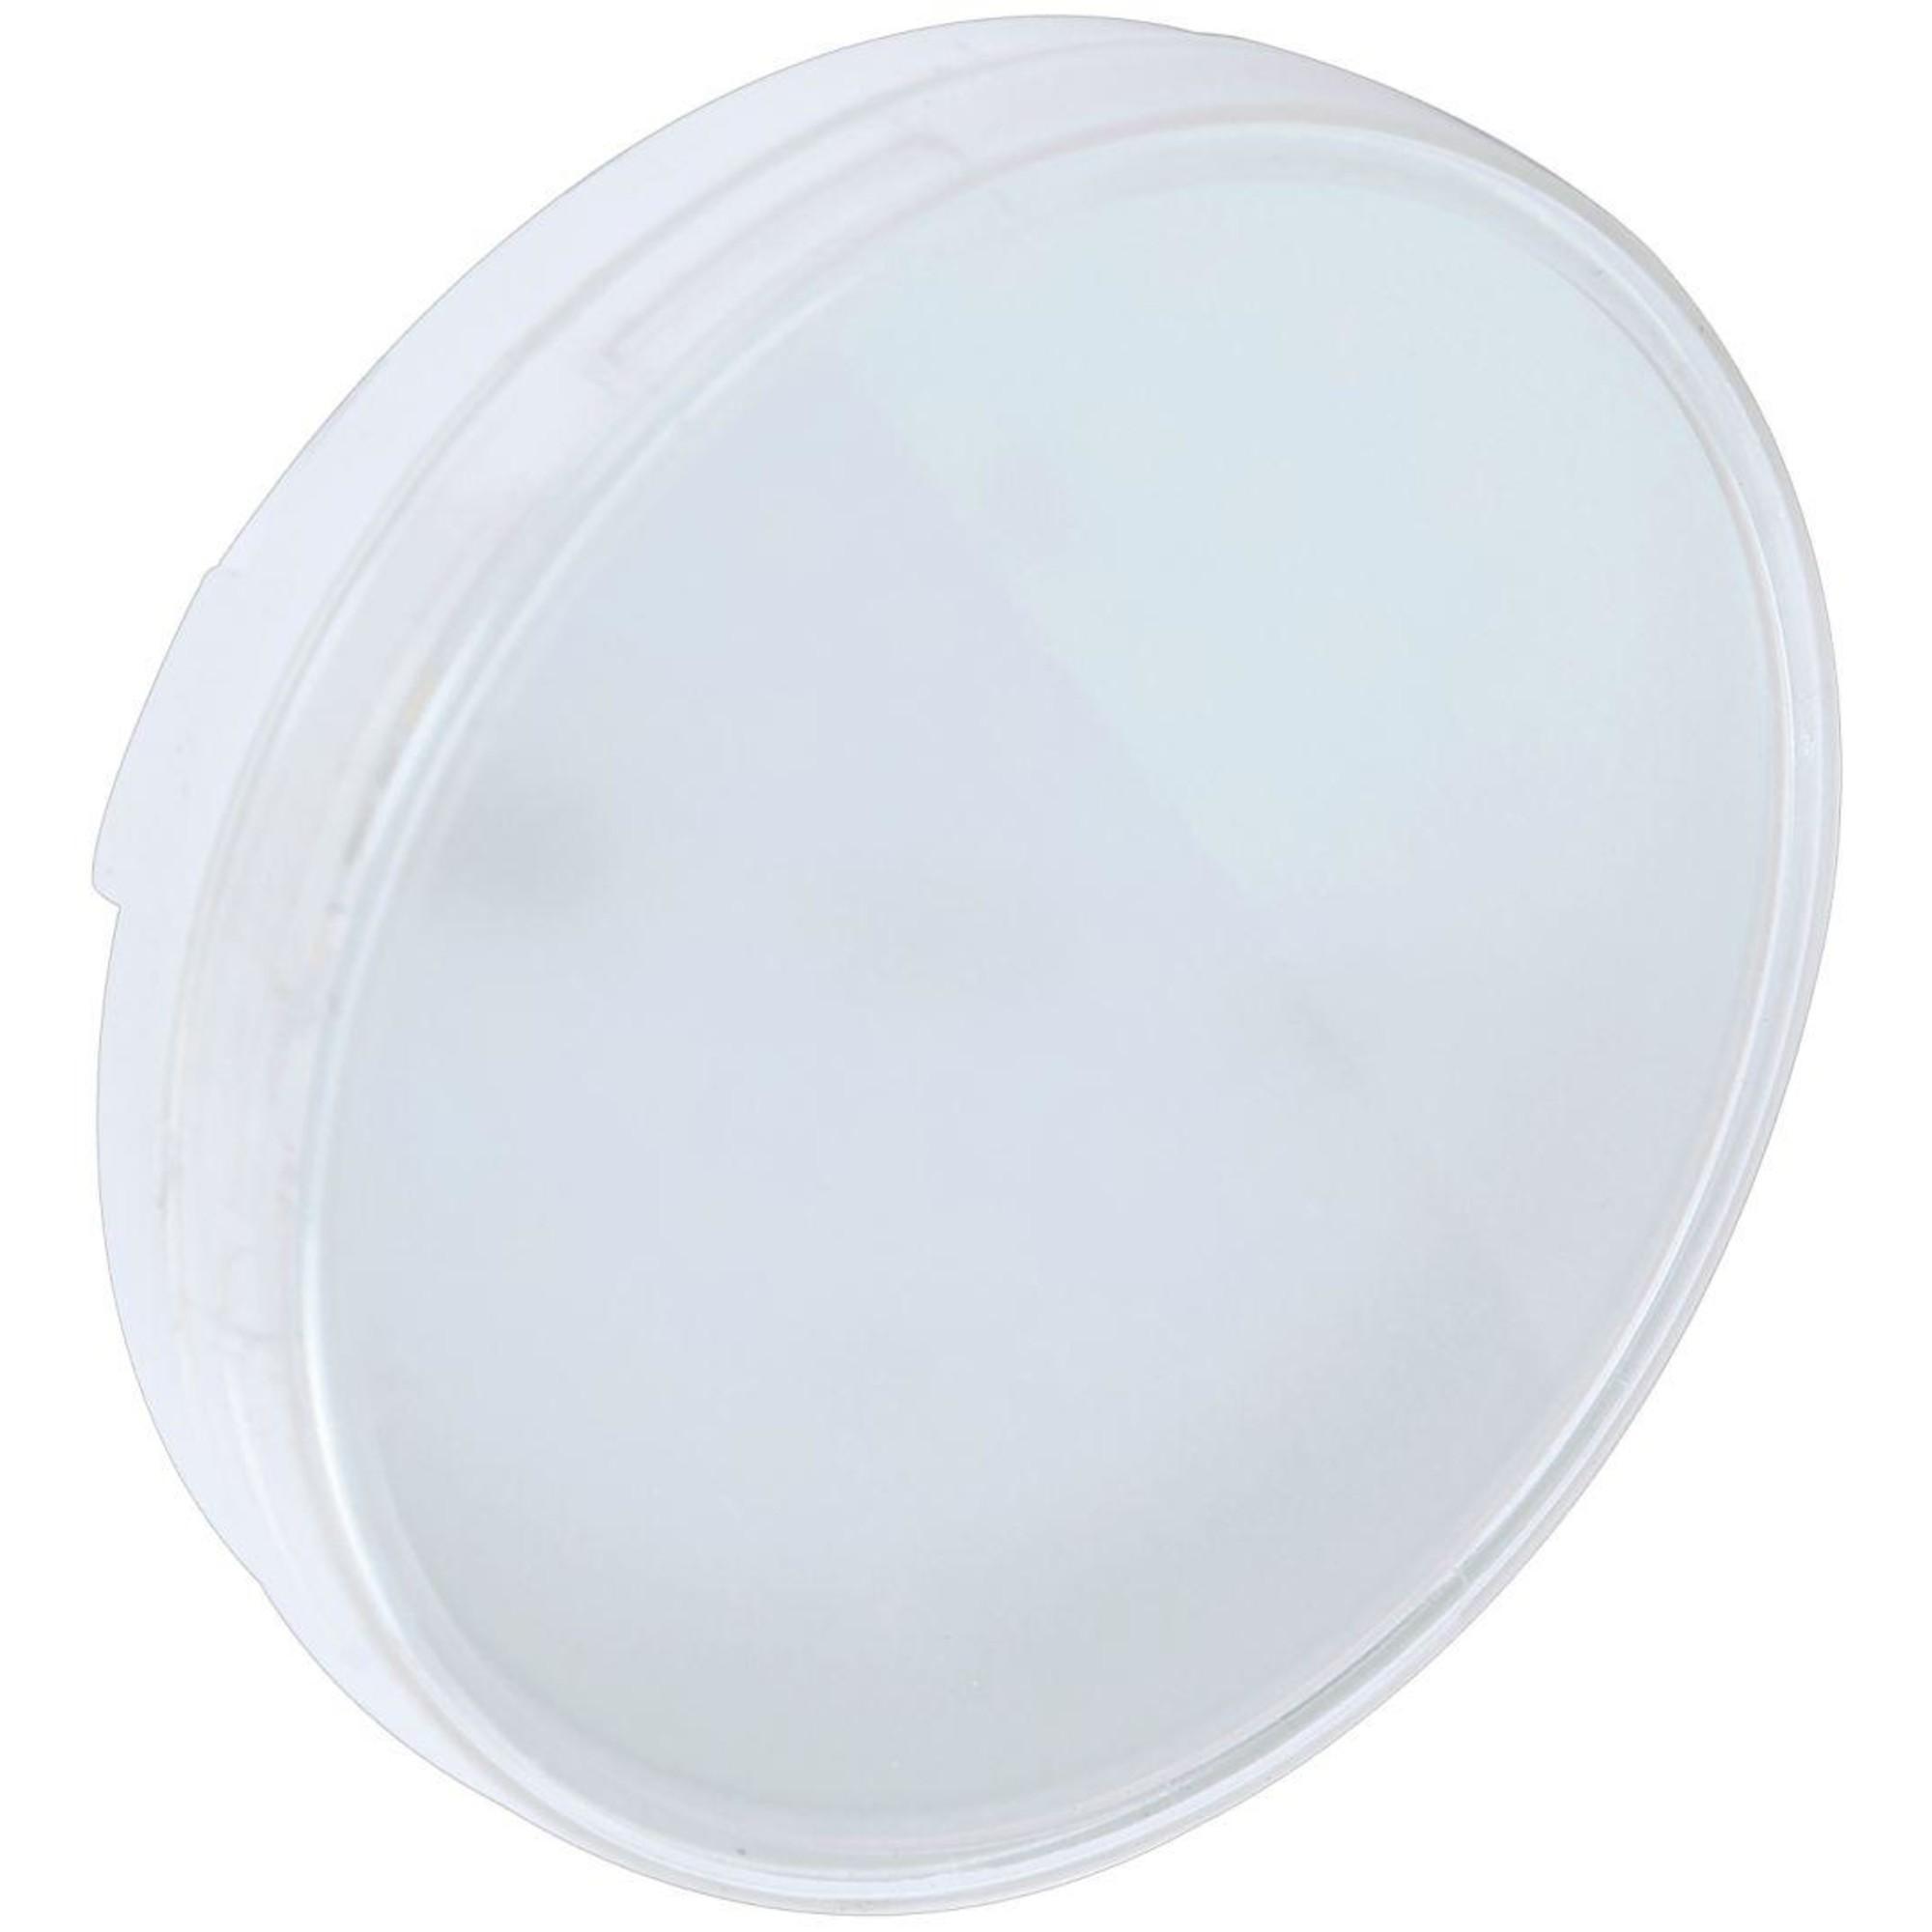 Лампа Ecola стандарт светодионая GX70 10 Вт таблетка 800 Лм нейтральный свет